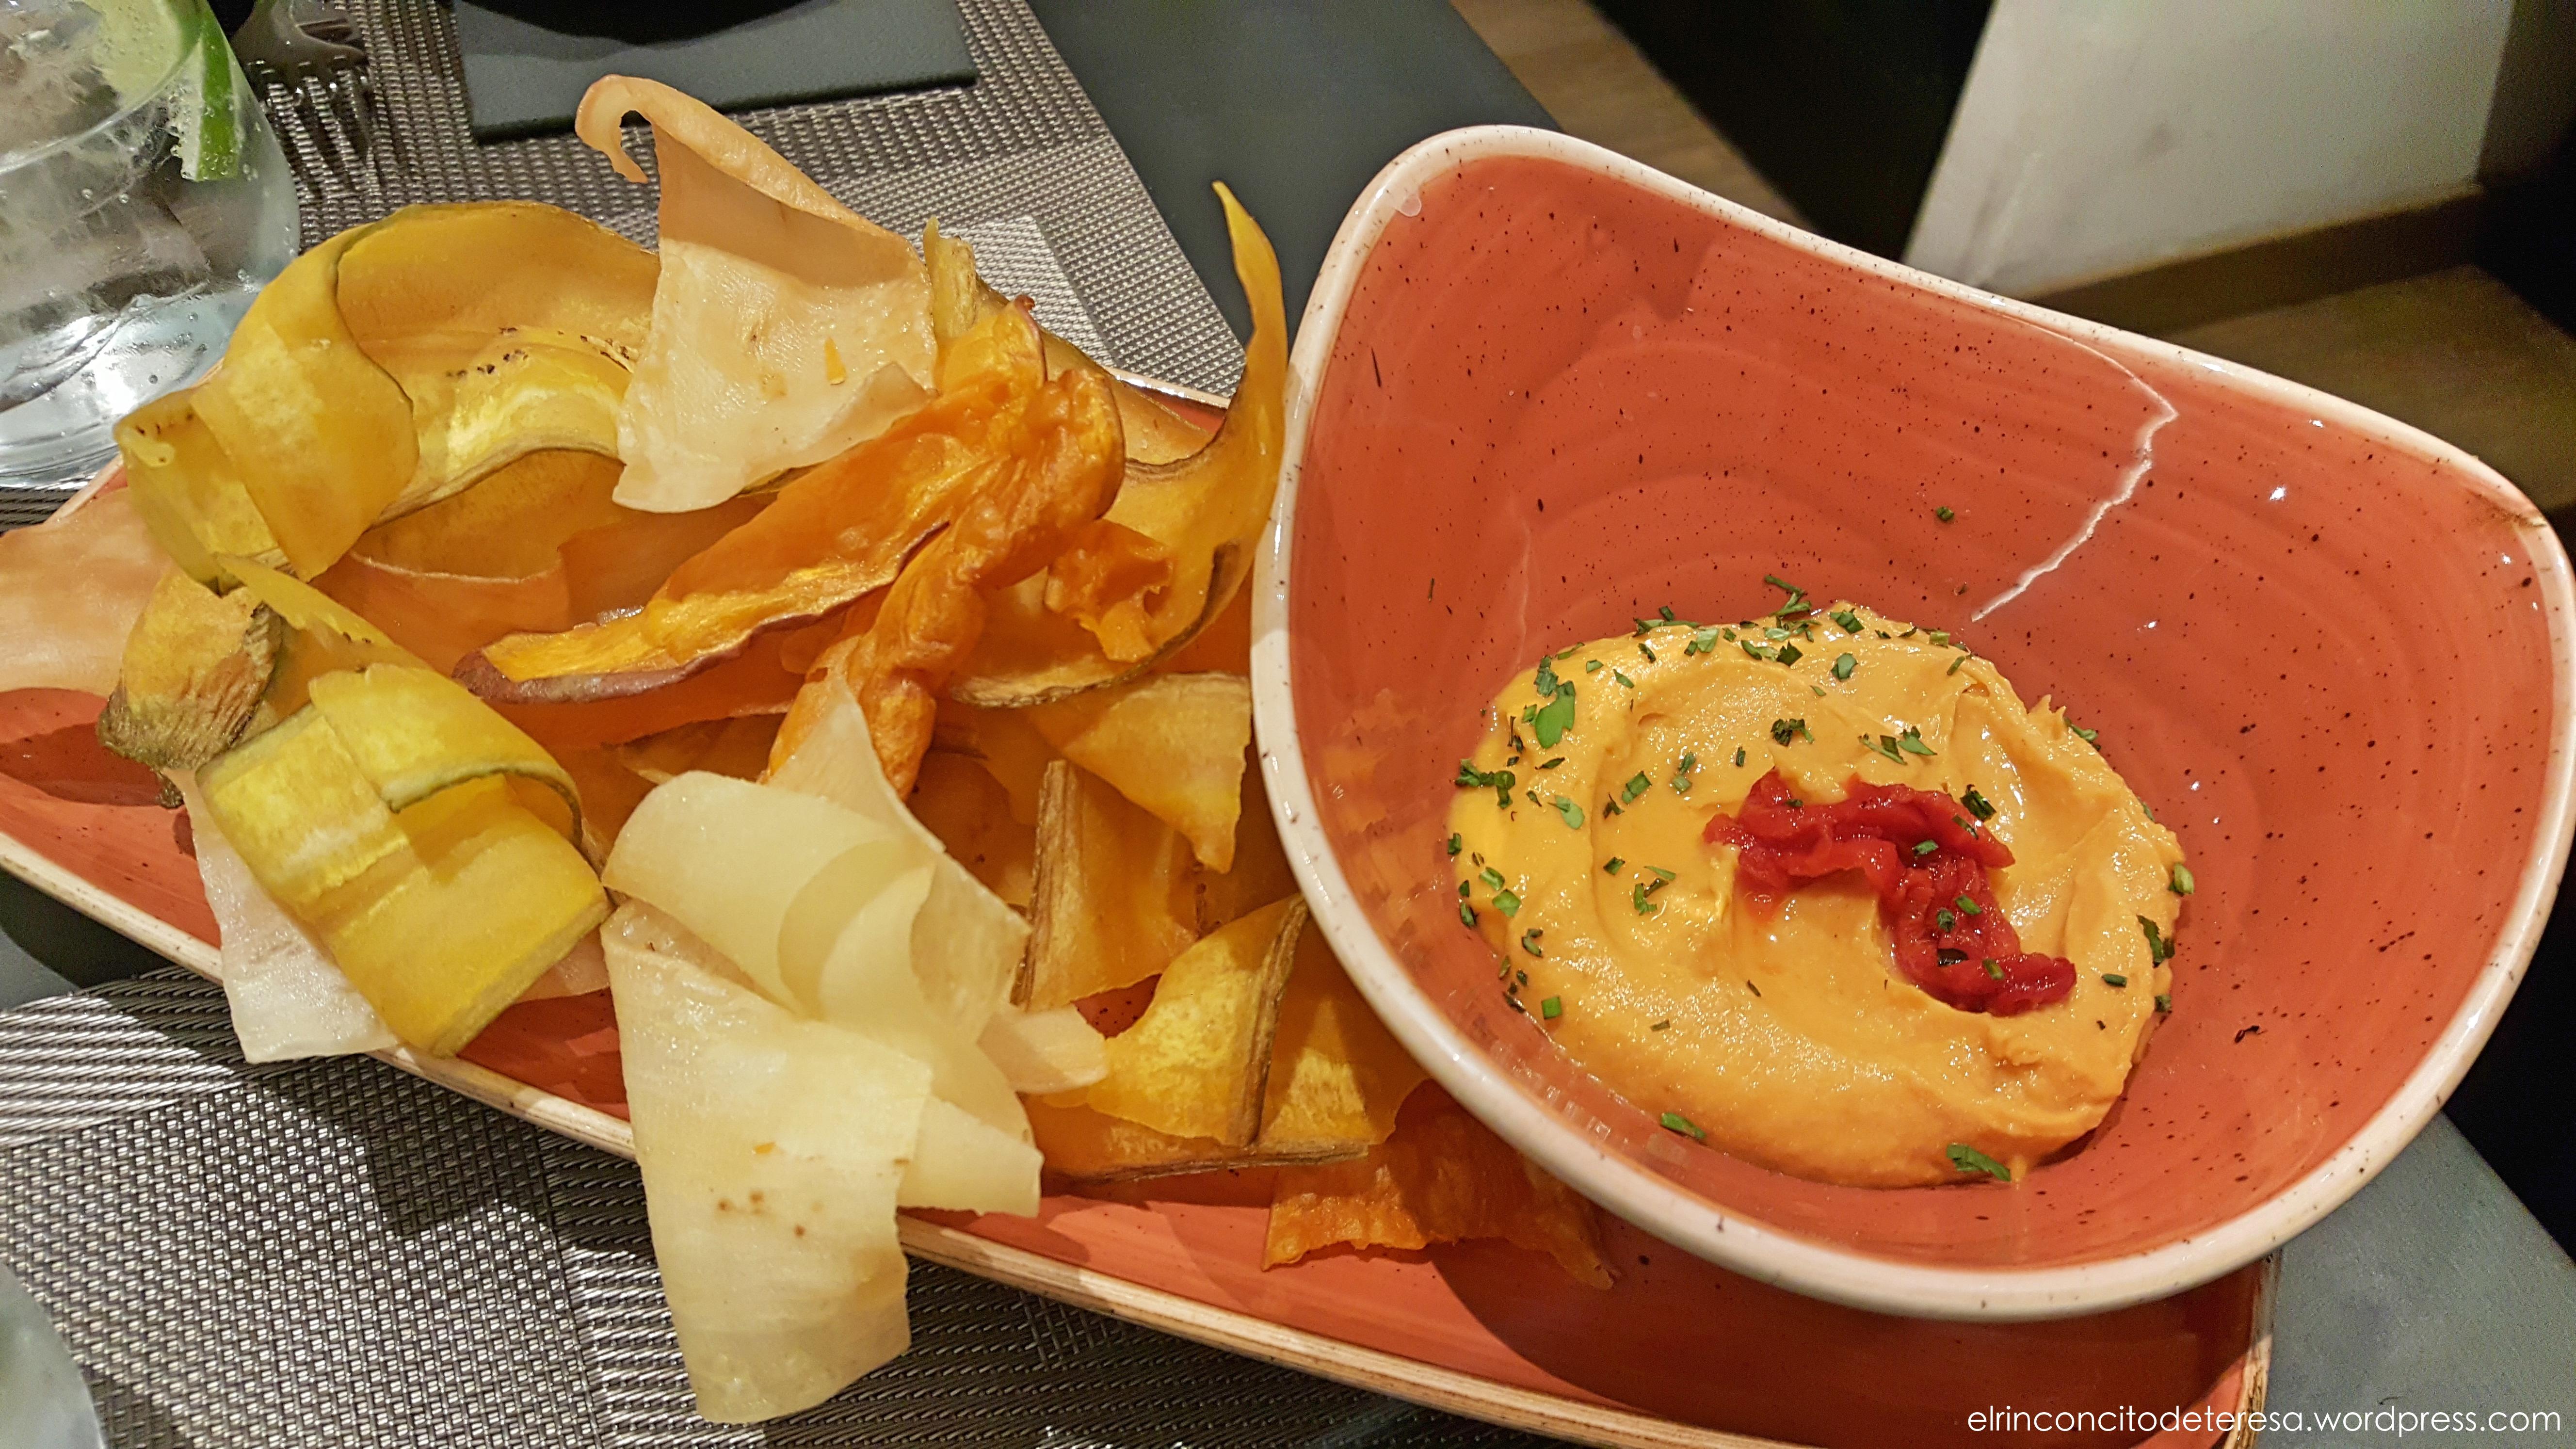 napa-hummus-pimiento-asado